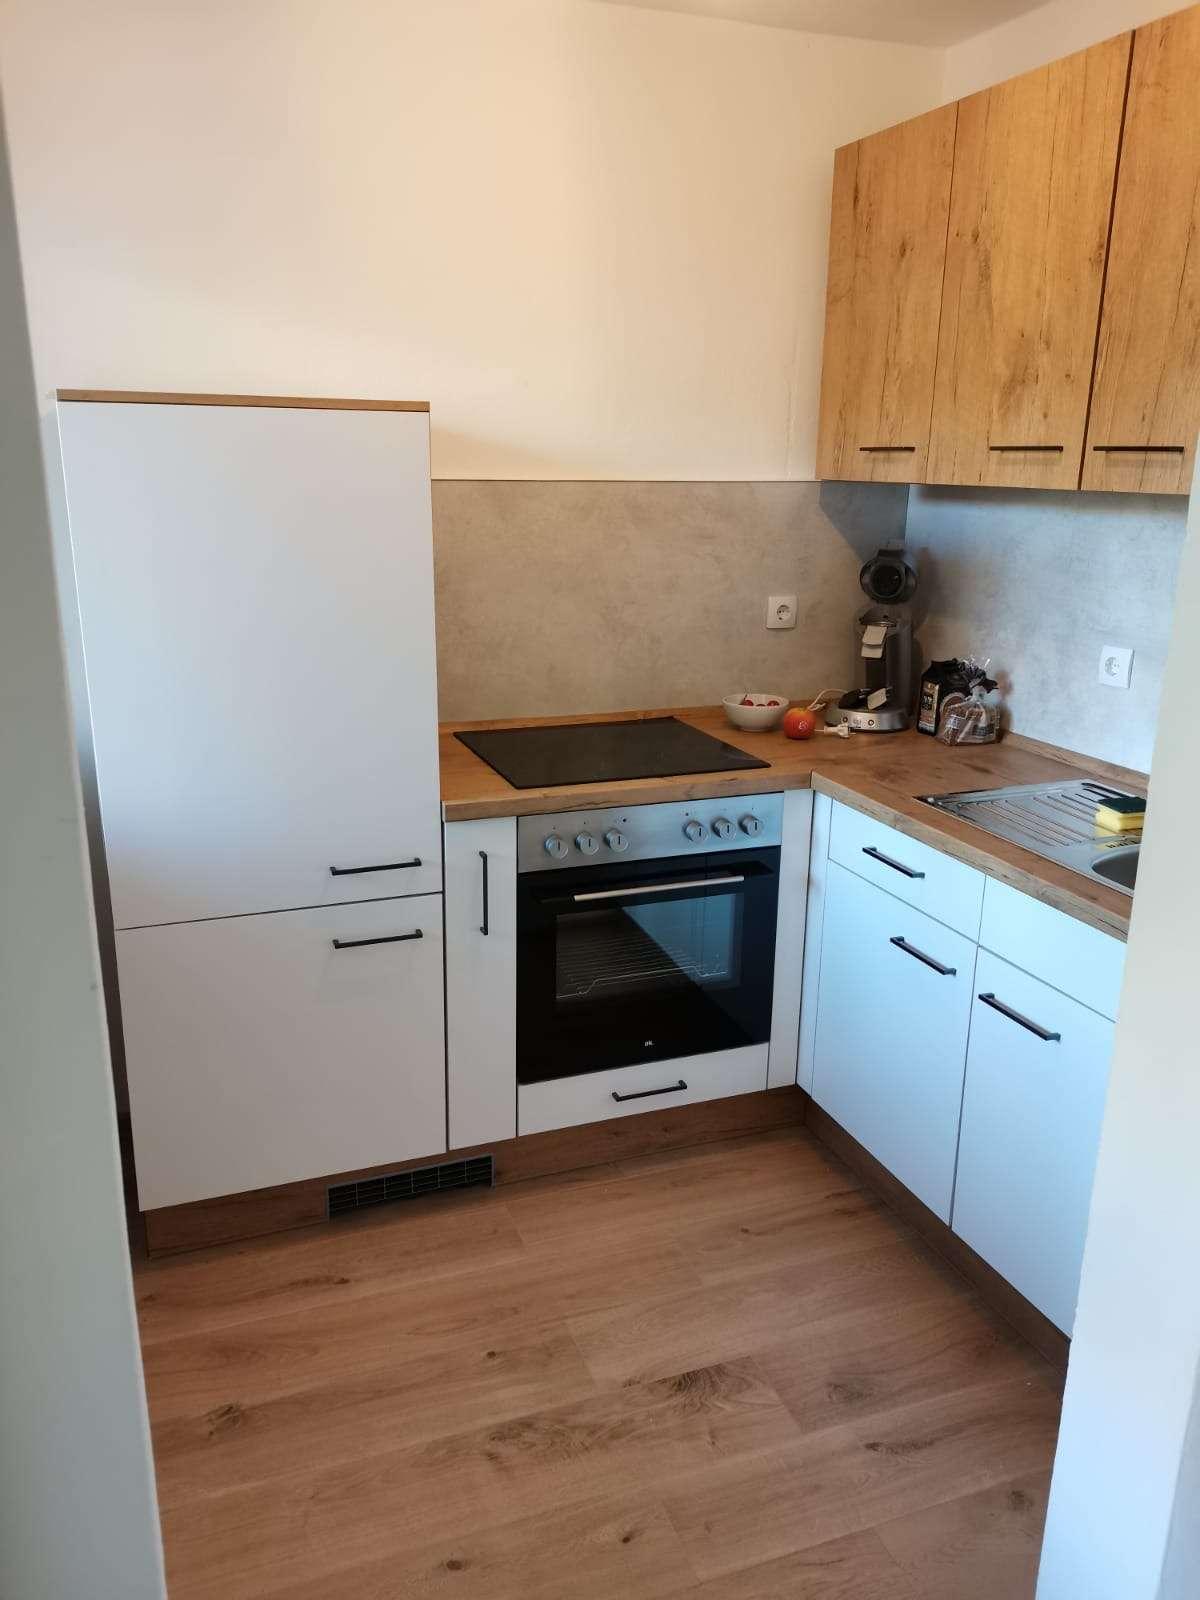 Schöne 1,5-Zi-Wohnung mit Balkon und neuer EBK in Deggendorf Uninähe - Himmelreich in